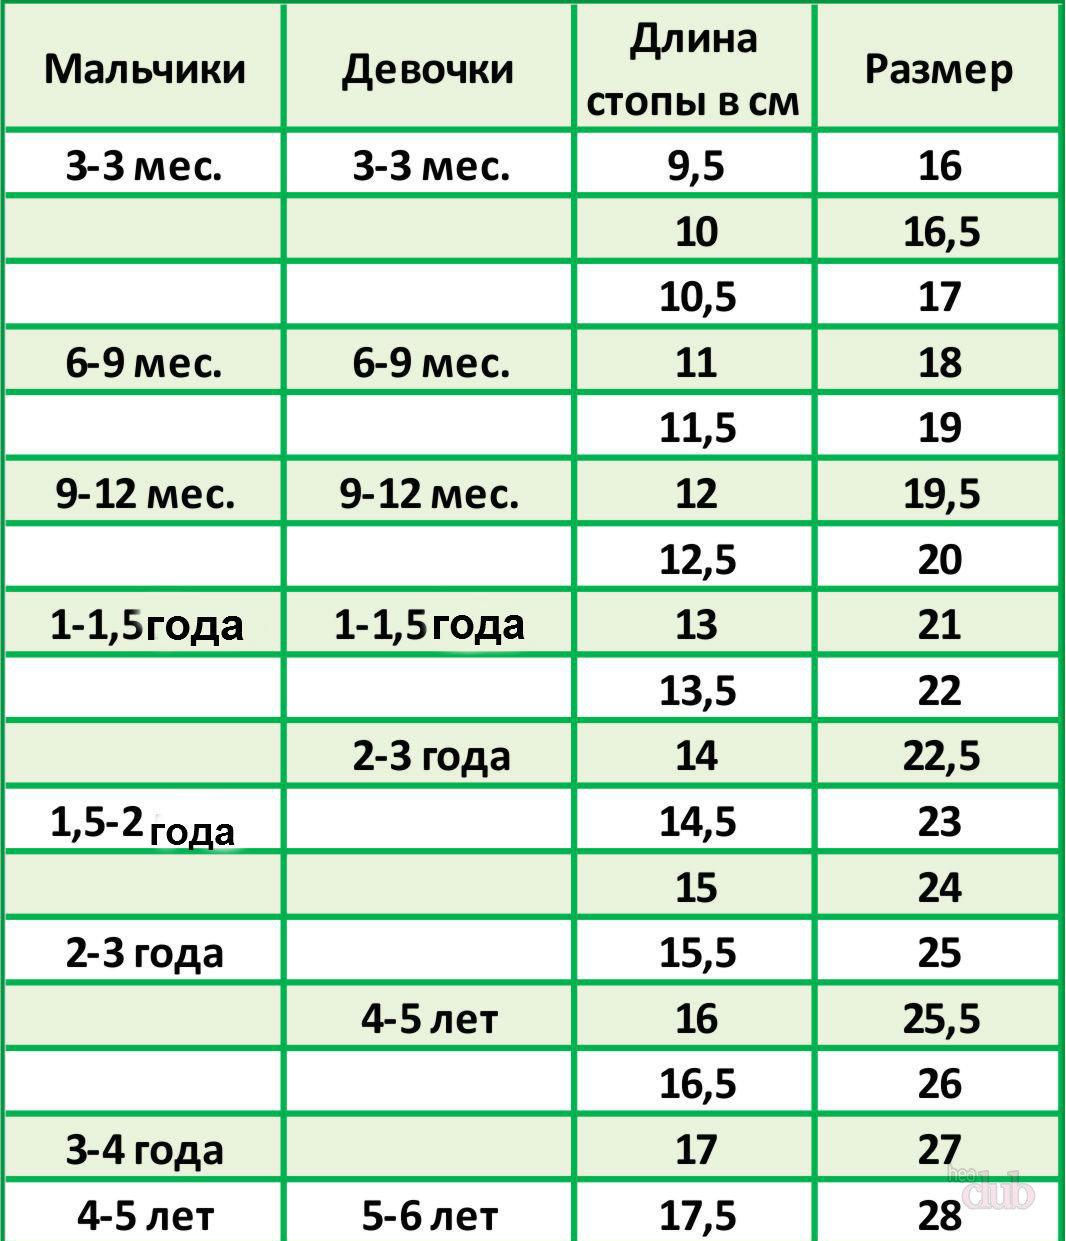 Размер обуви таблица для детей по возрасту для девочек мальчиков